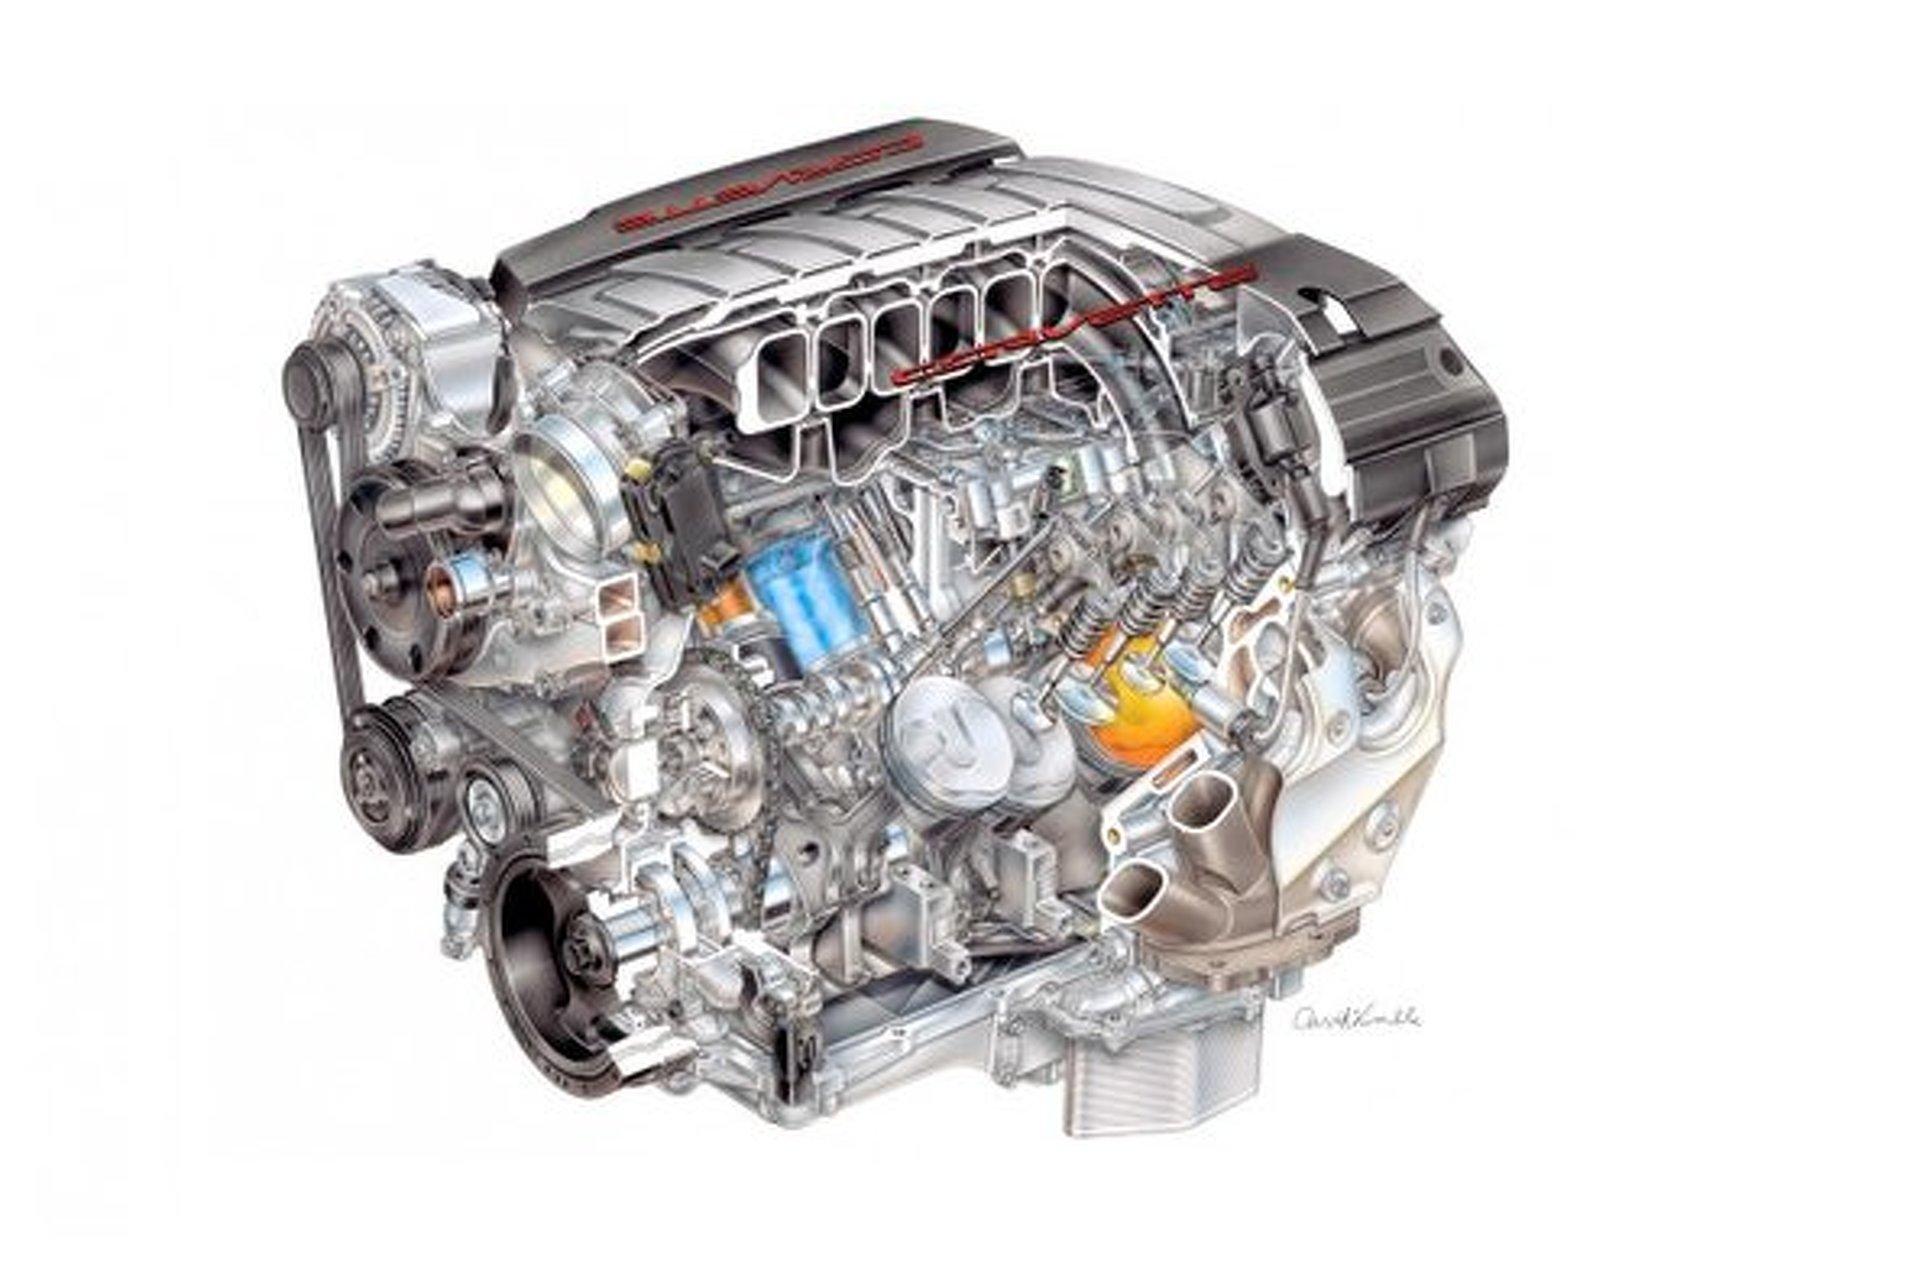 2014 Chevrolet Corvette Receiving New LT1 6.2L Small Block V8